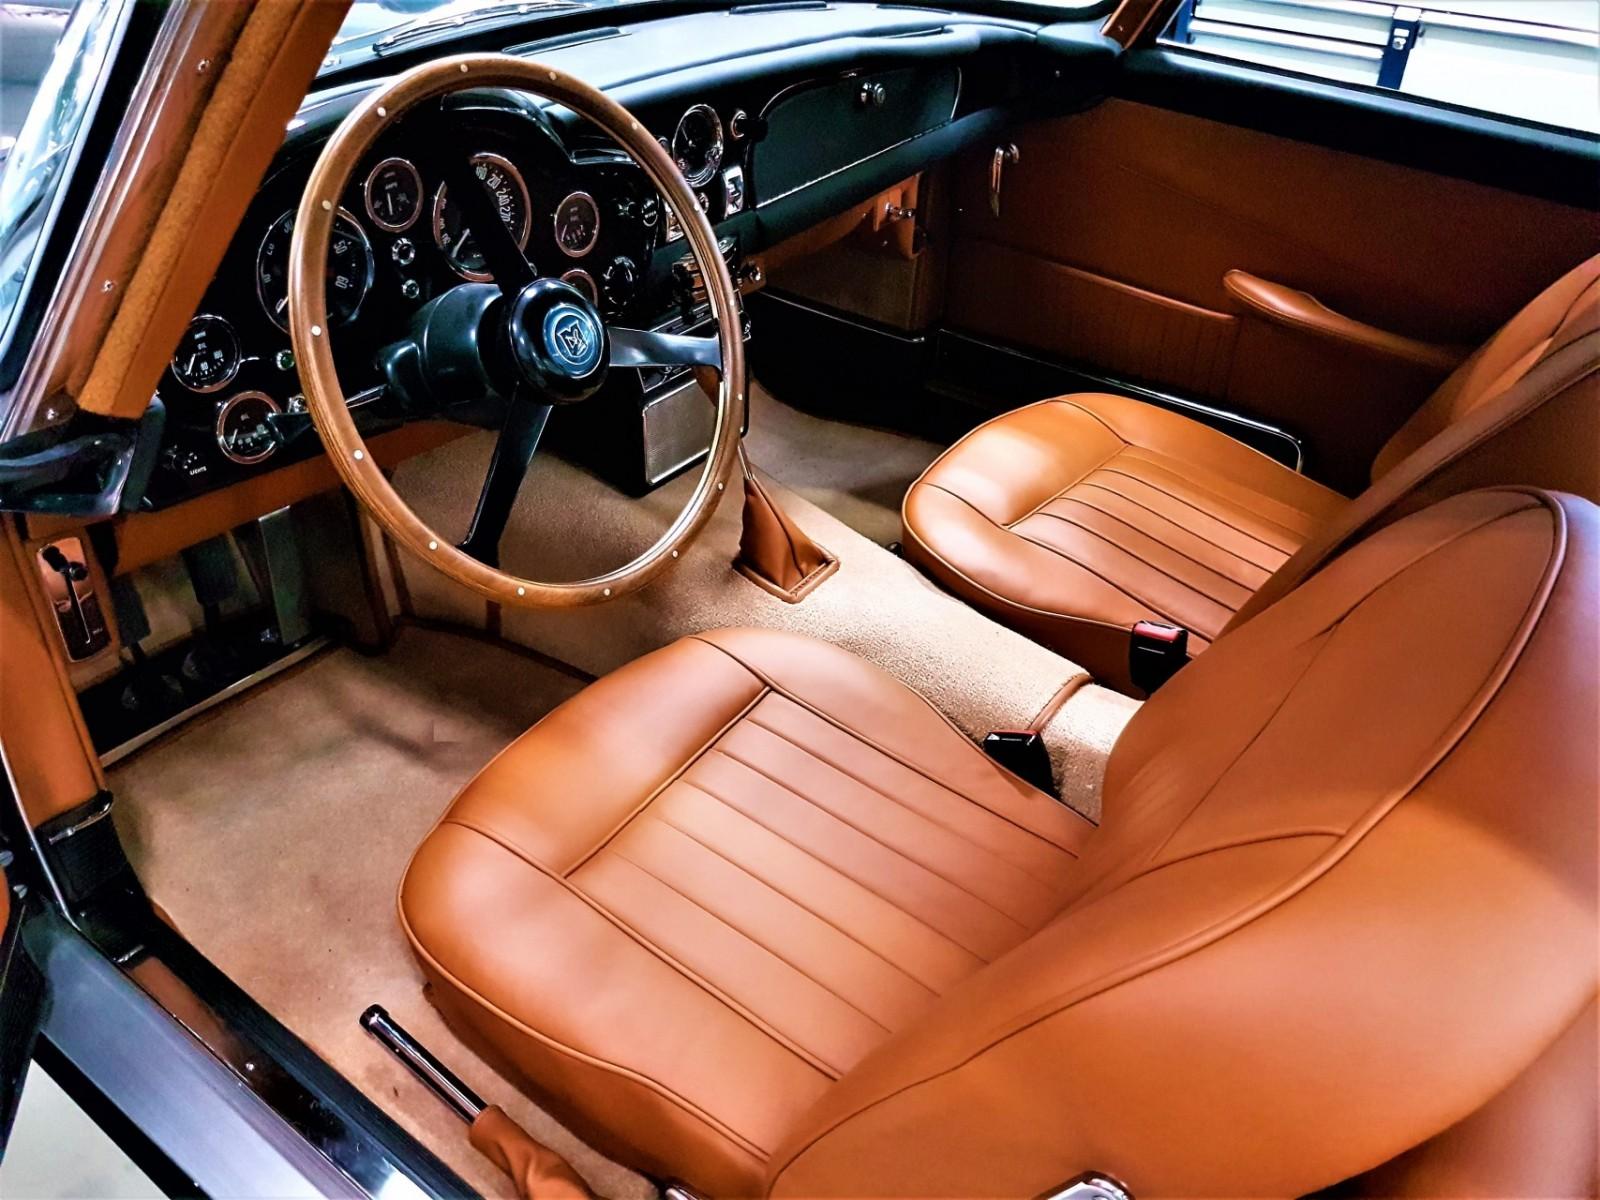 Aston Martin Db5 Projects Pendessa Aston Martin Interior Upholstery